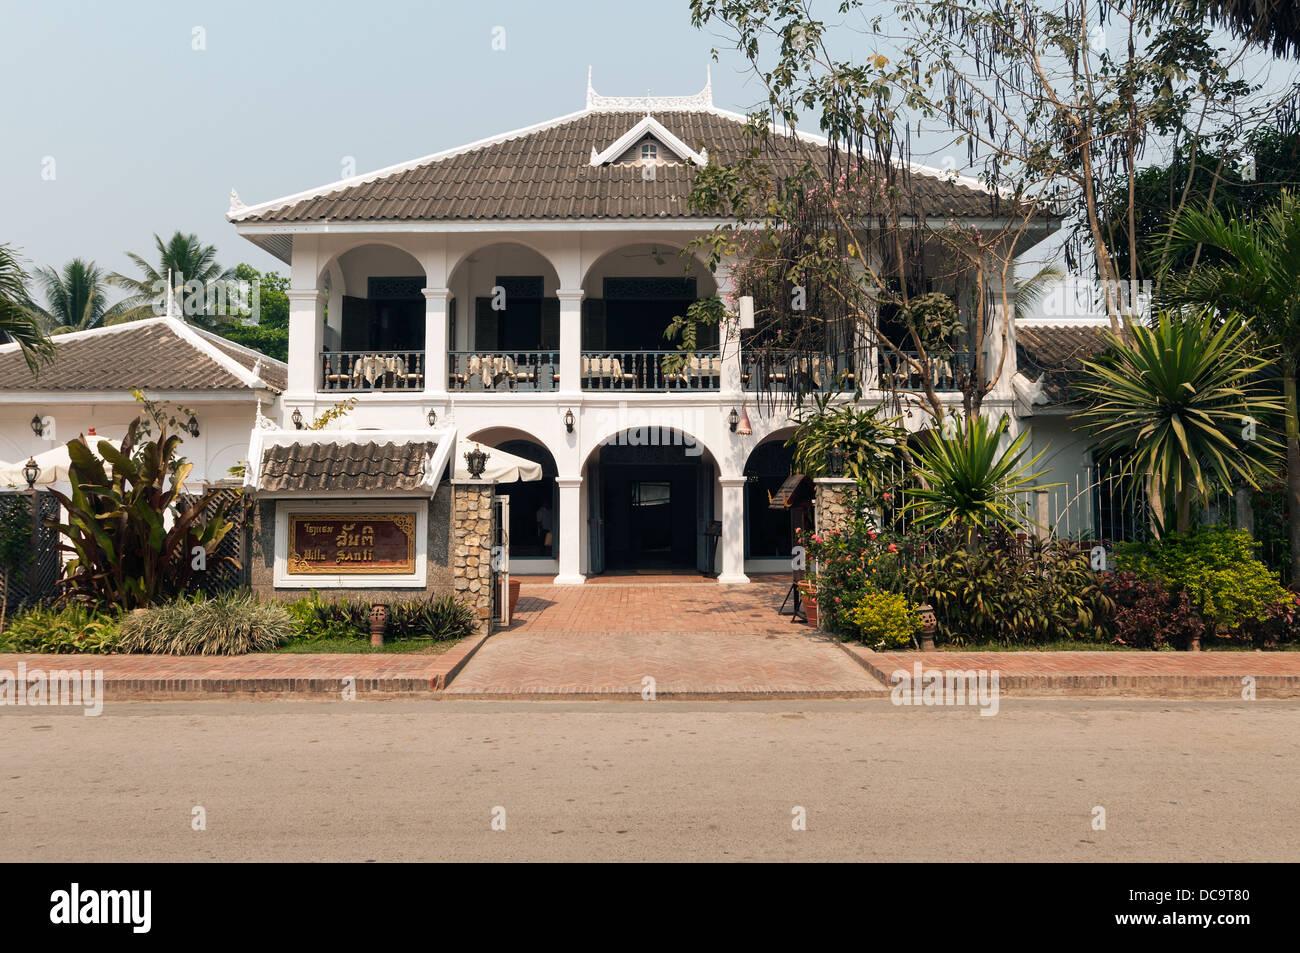 Elk209-1036 Laos, Luang Prabang, Hotel im Kolonialstil Stockbild